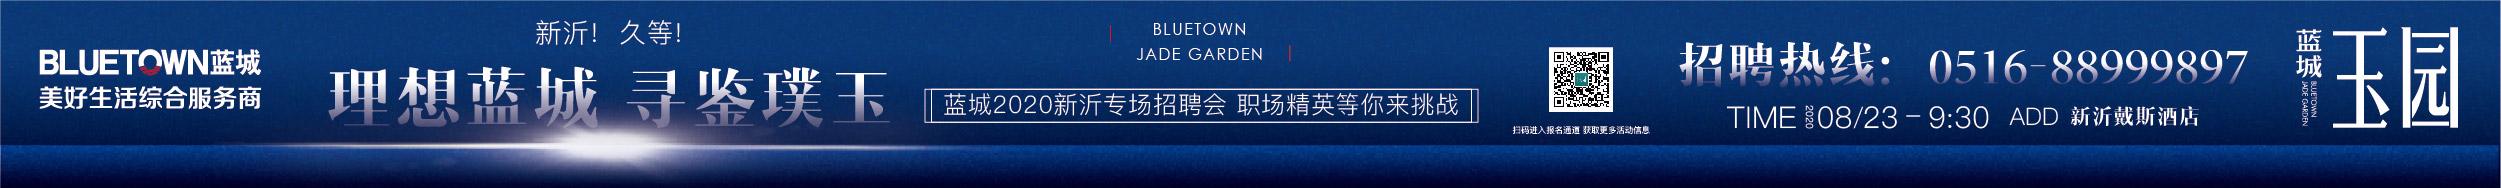 20200811蓝城招聘网海报-1200-90.jpg